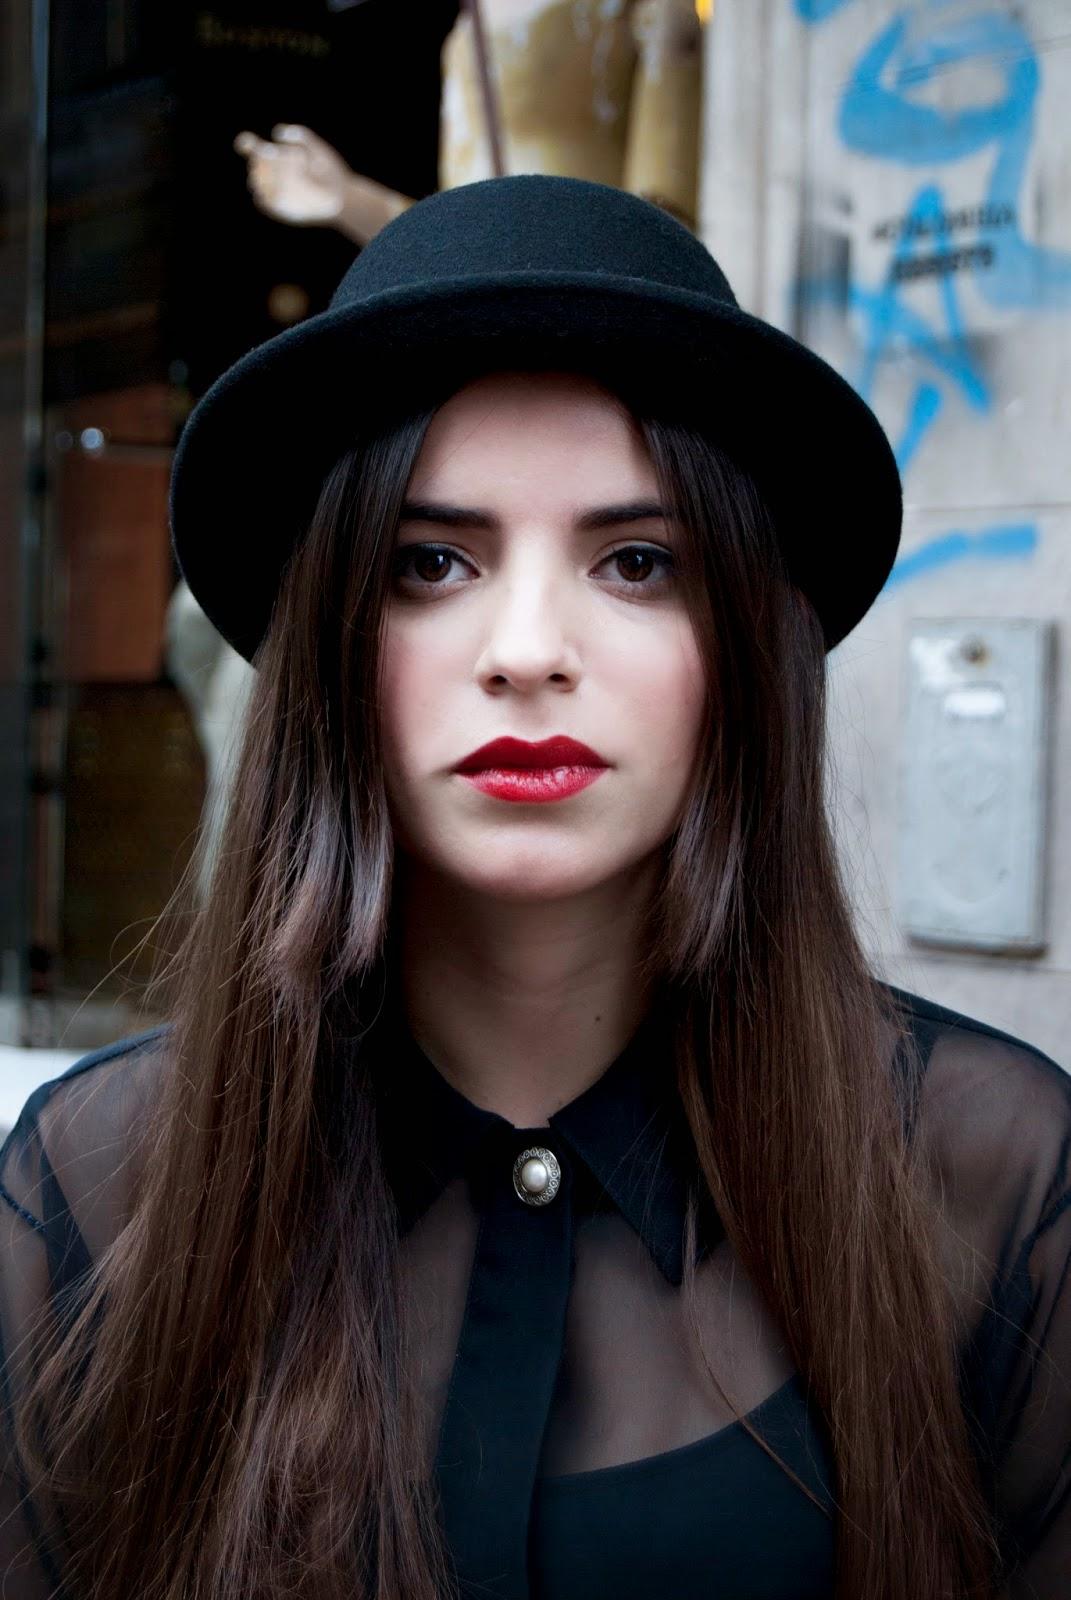 c20c6a7c4c555 Si sos de las agraciadas que sienten que tienen el rostro ovalado todos los  sombreros te quedan bien